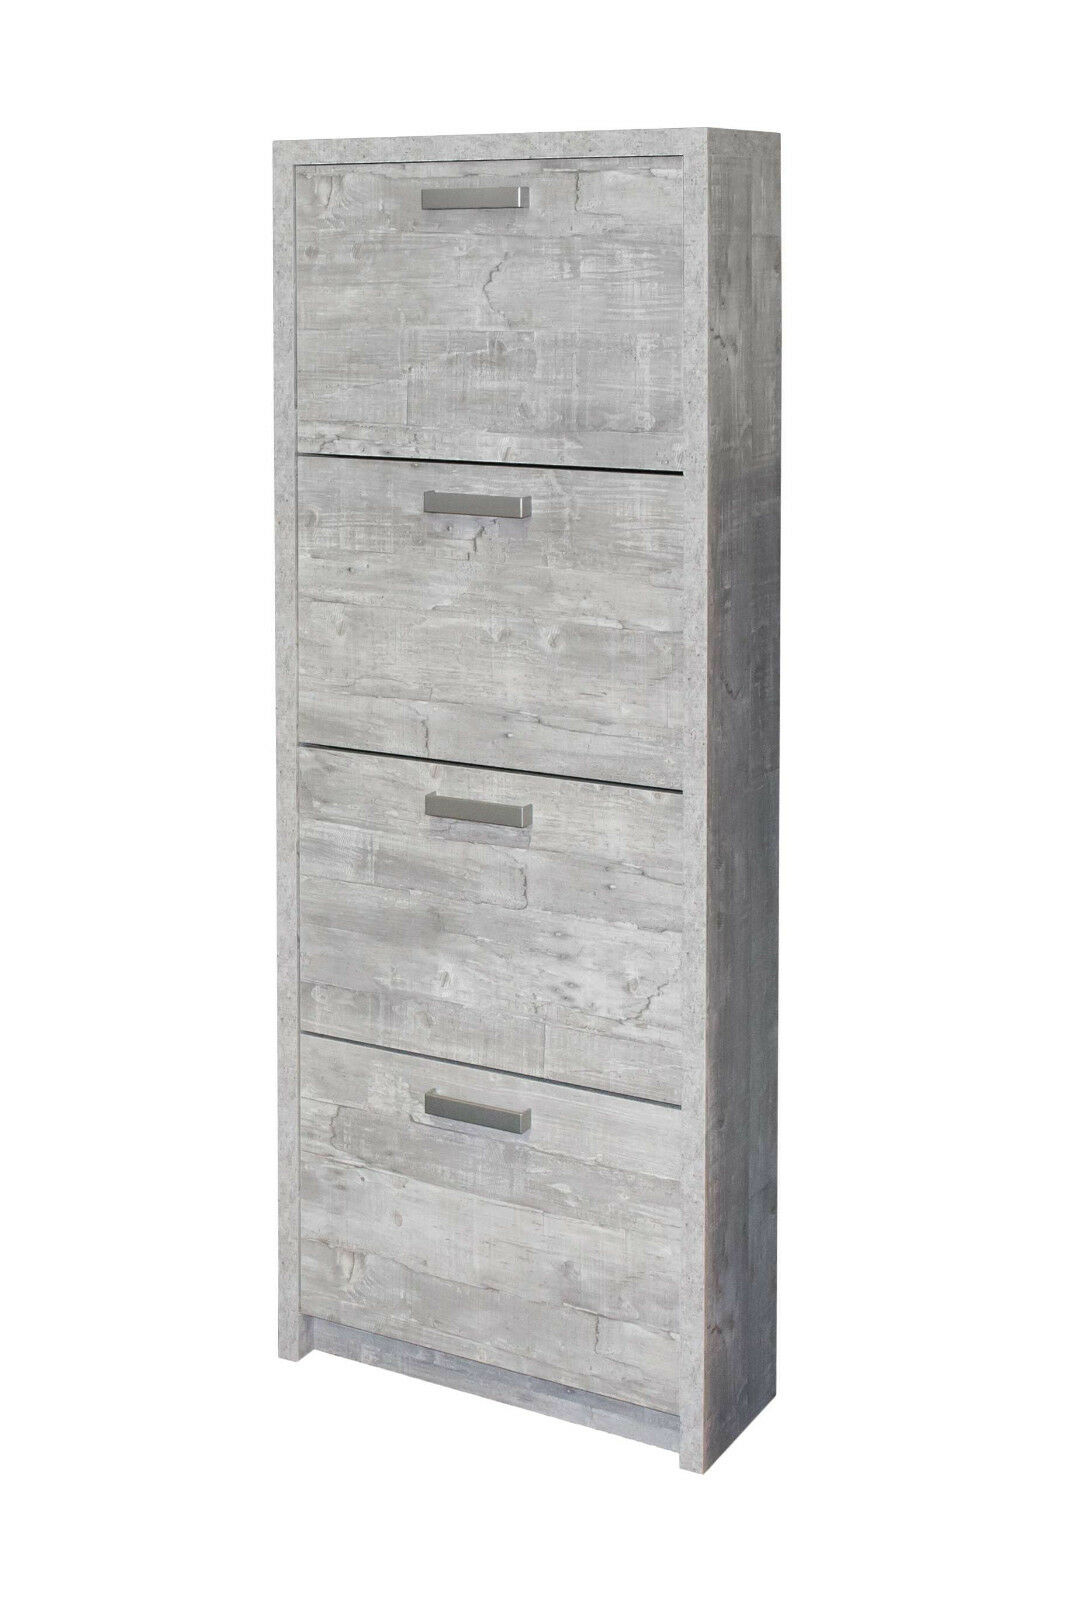 Madita - Scarpiera con 4 porte, in legno truciolato, Coloreeee cemento d'imitazione